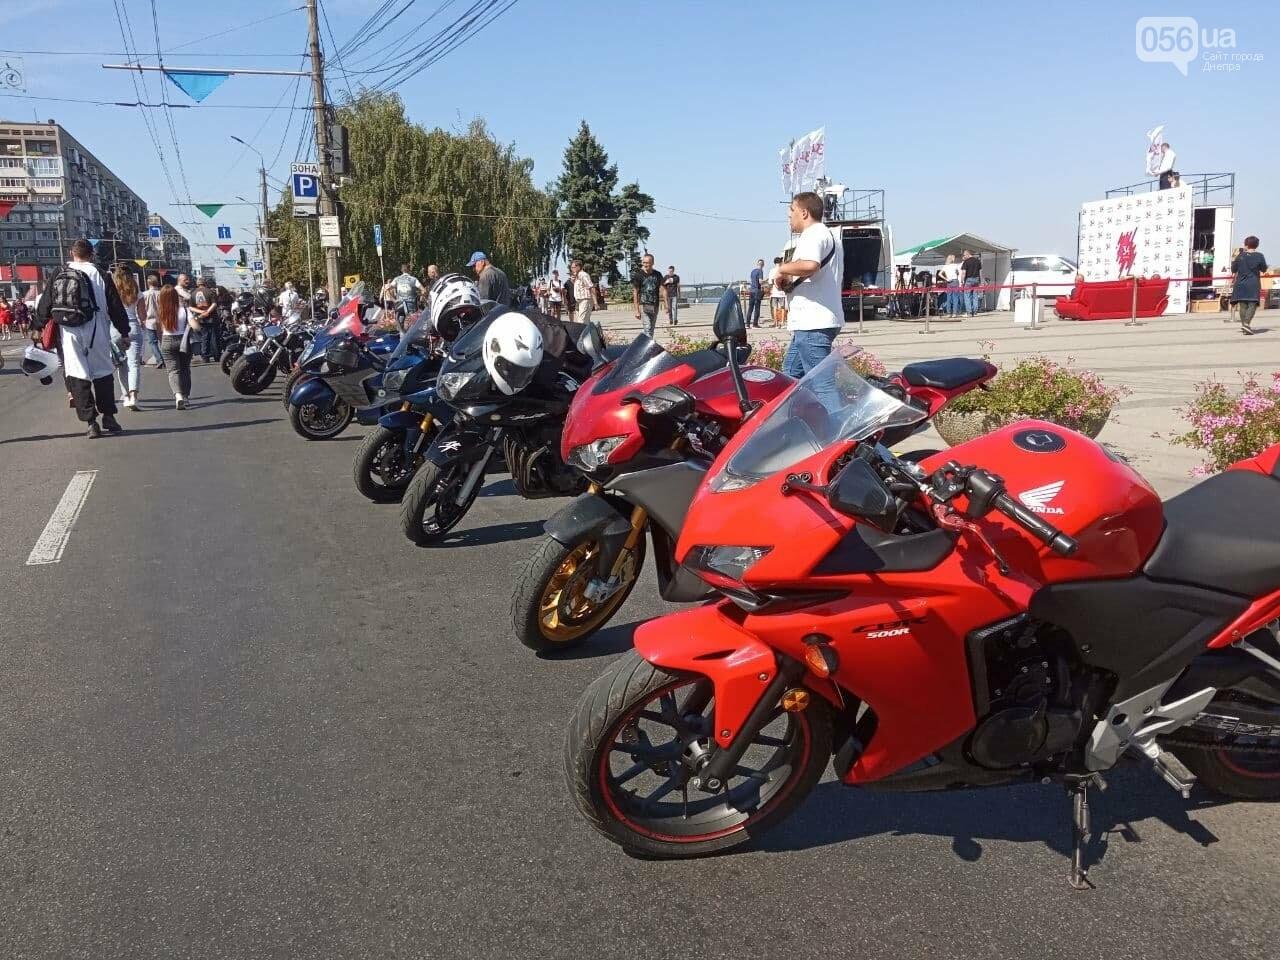 В Днепре байкеры сезон закрыли, но мотоциклы в гараж не поставили, - ФОТО, ВИДЕО, фото-7